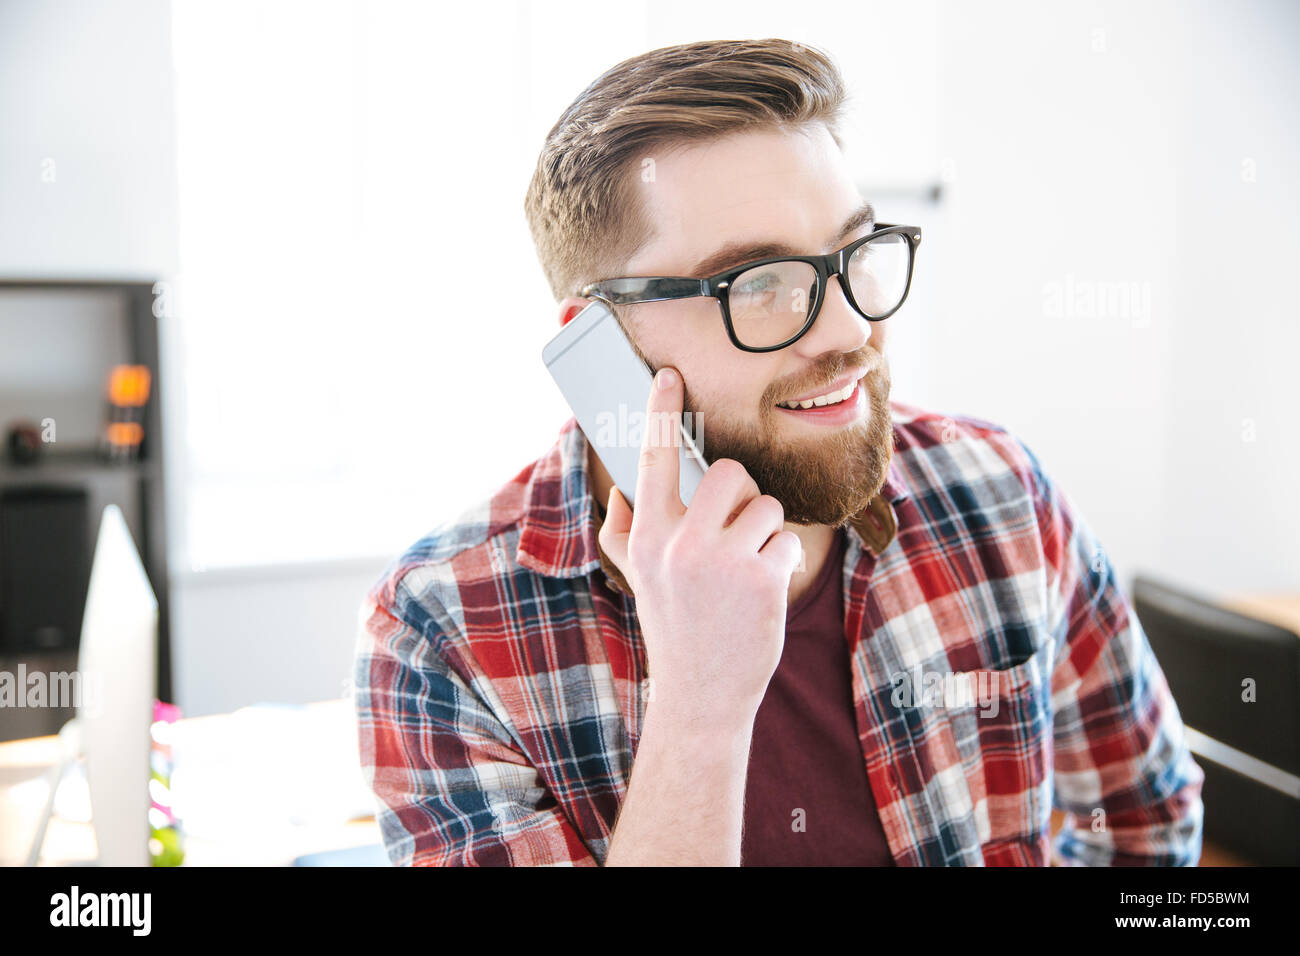 Felice attraente giovane uomo con la barba in plaid shirt e bicchieri parlando al cellulare in ufficio Immagini Stock